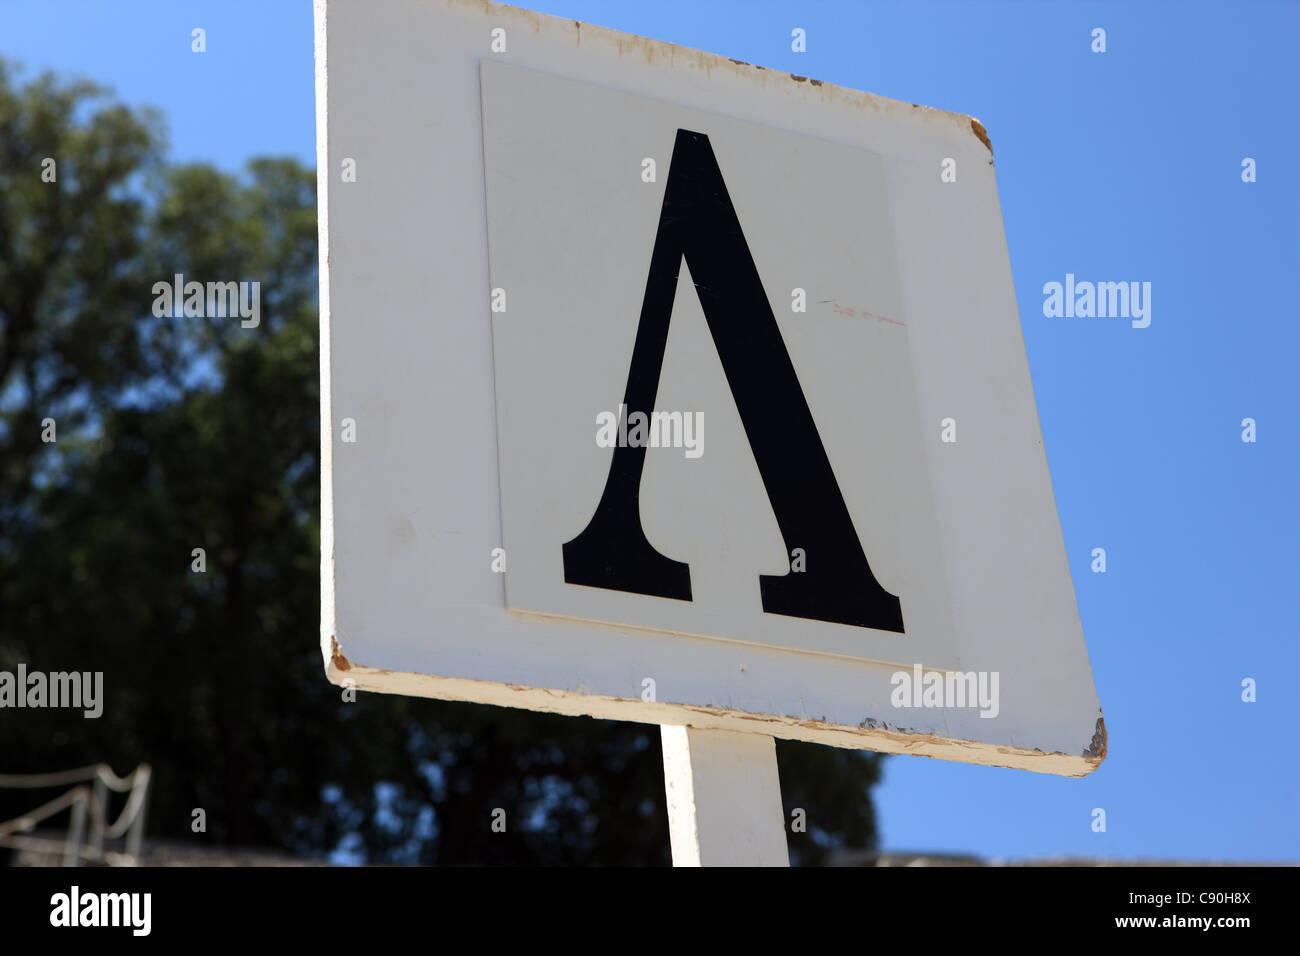 Alfabeto greco lettera Lambda che è l'equivalente di L in European script Foto Stock